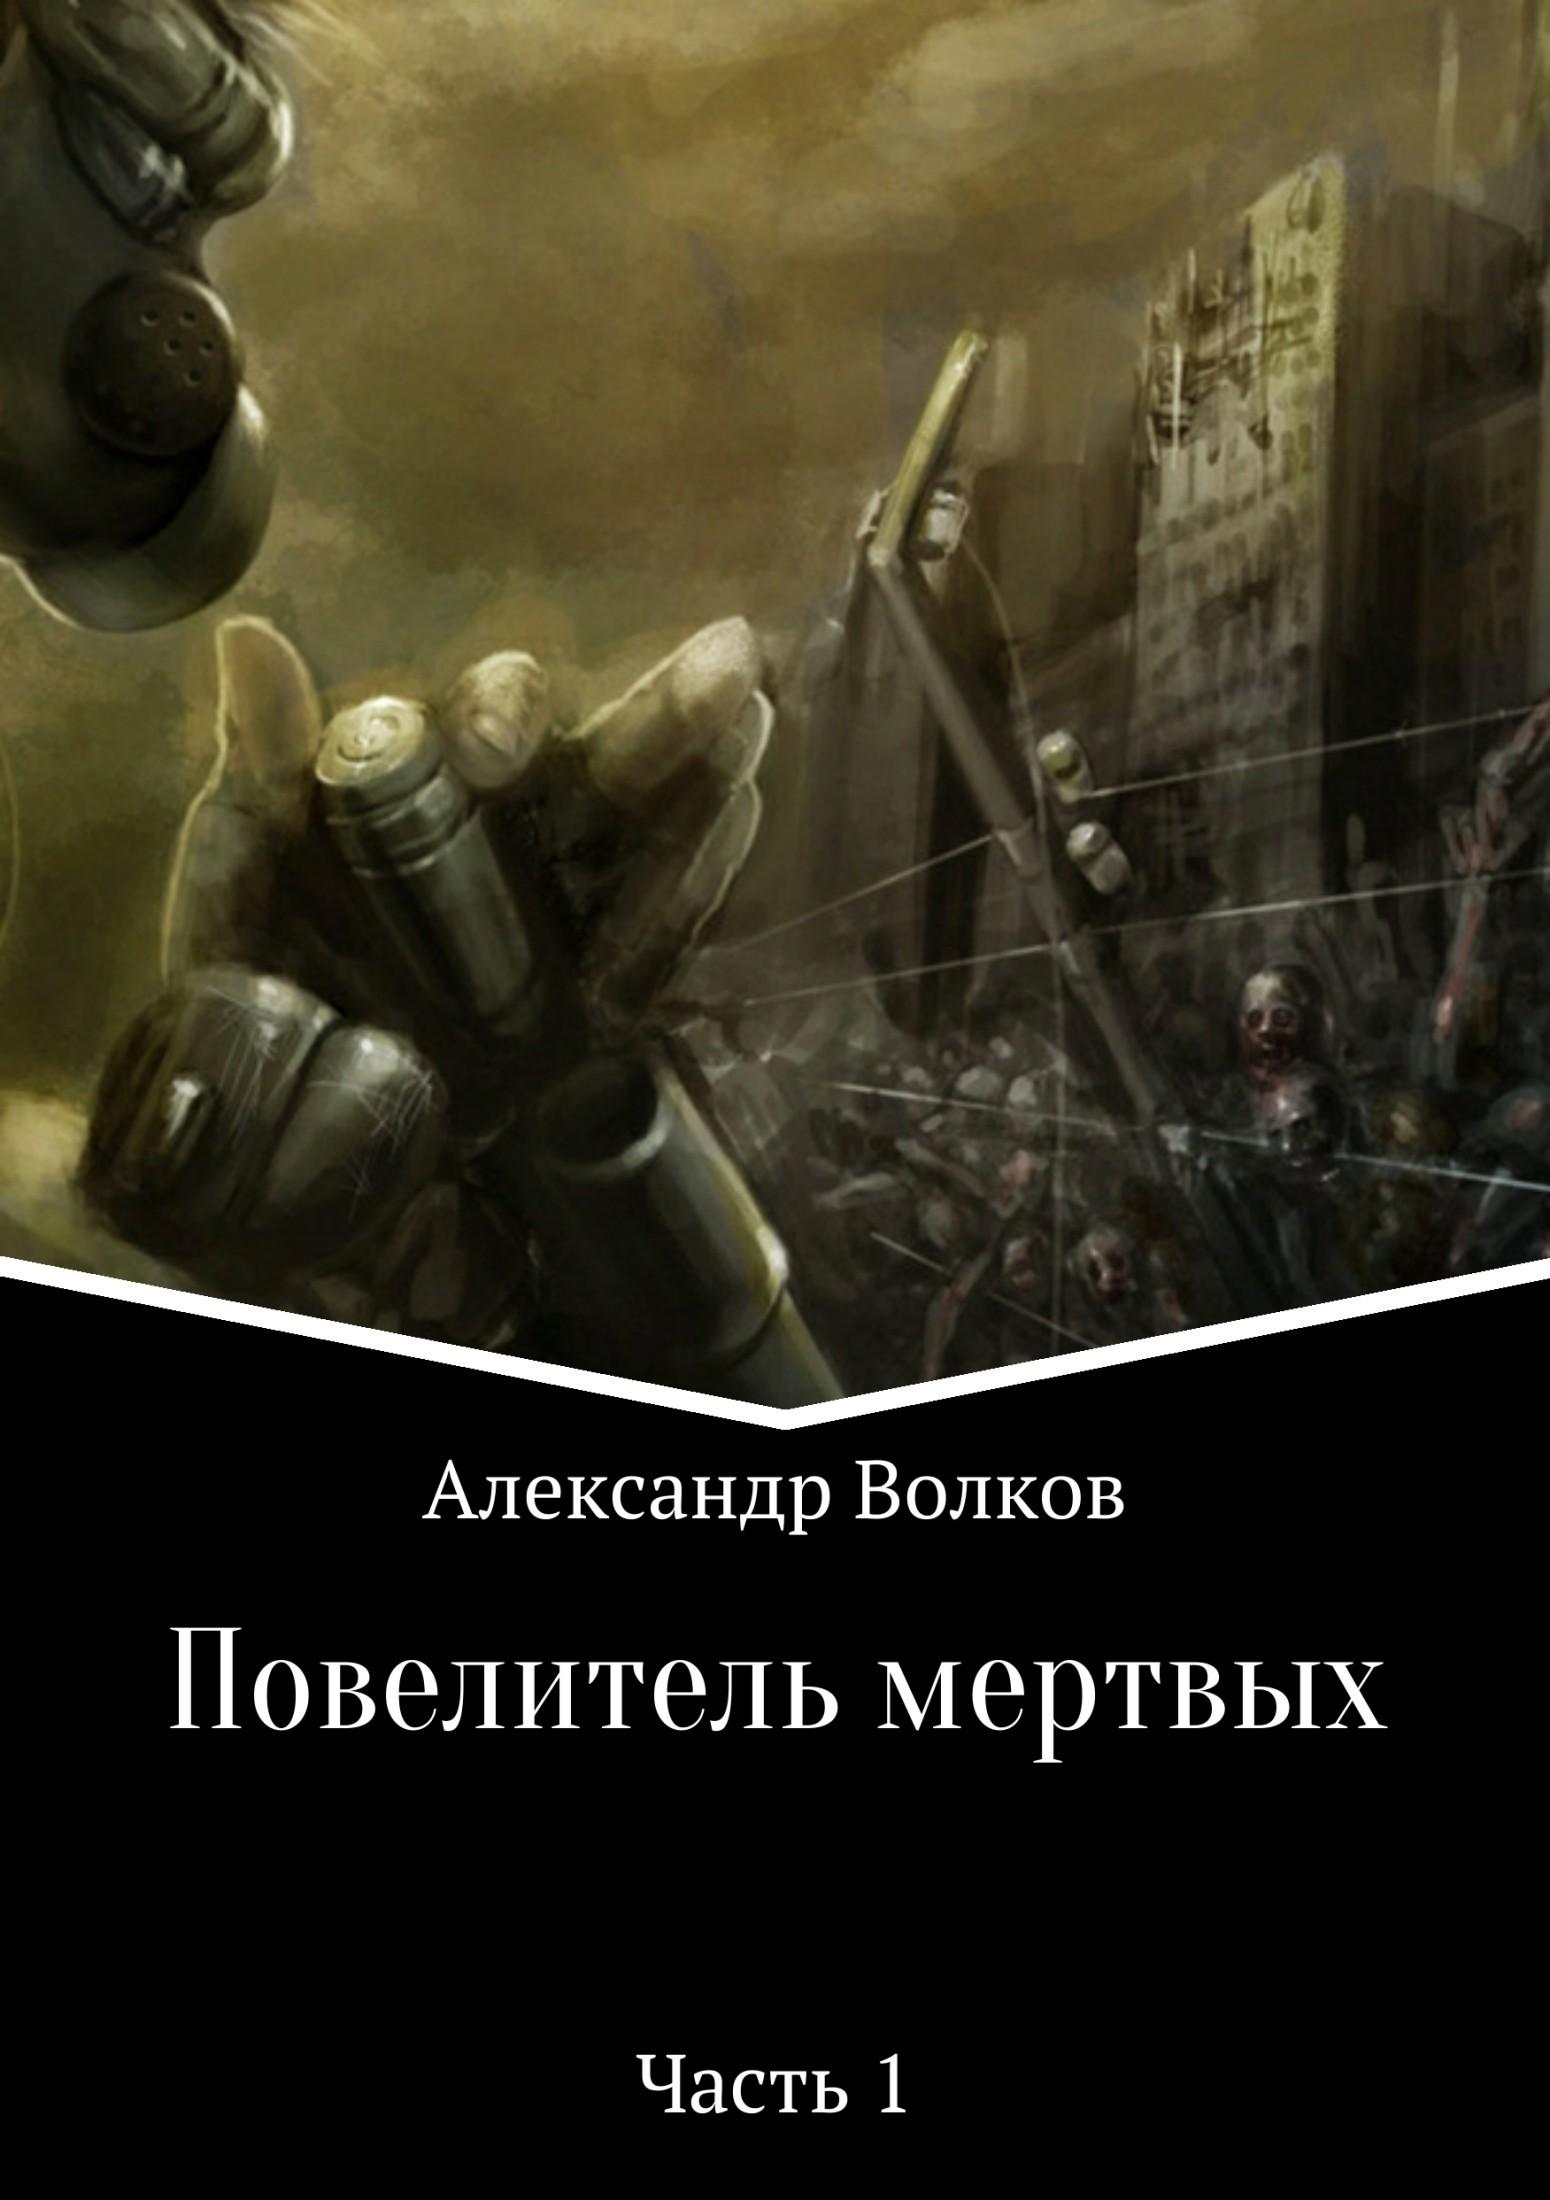 Александр Валерьевич Волков. Повелитель мертвых. Часть 1